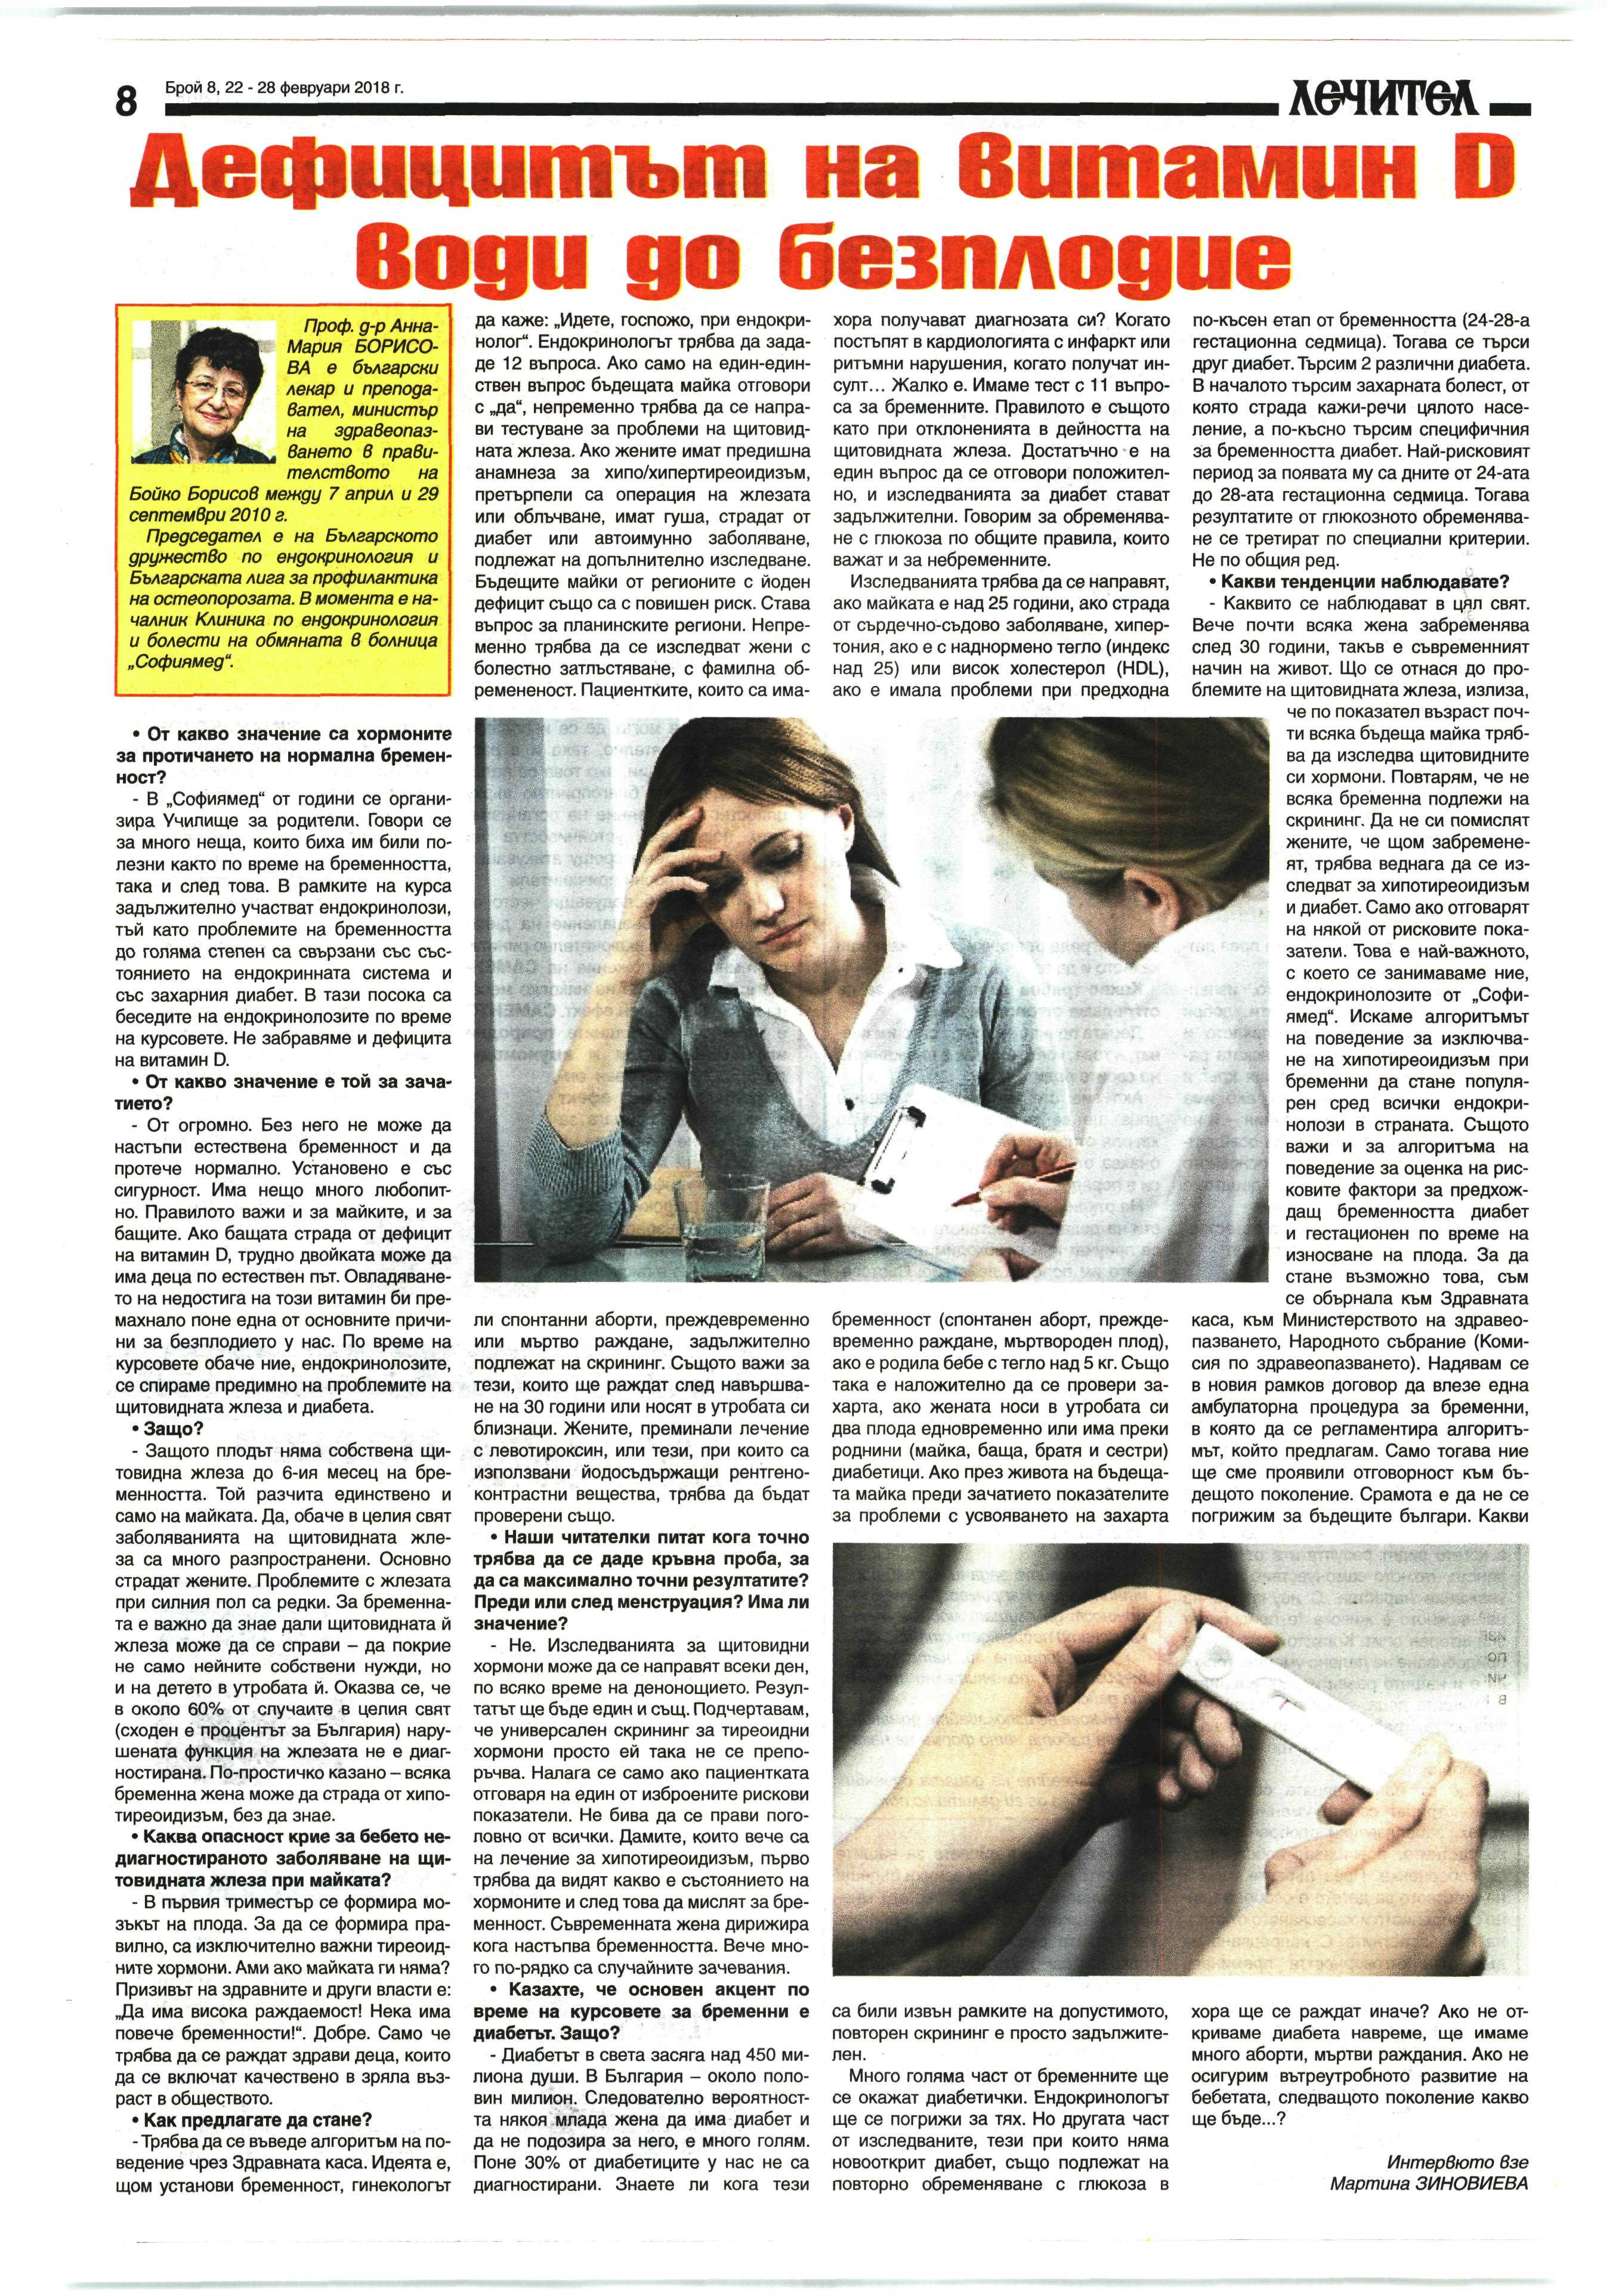 Проф. д-р Анна-Мария Борисова: Дефицитът на витамин D води до безплодие